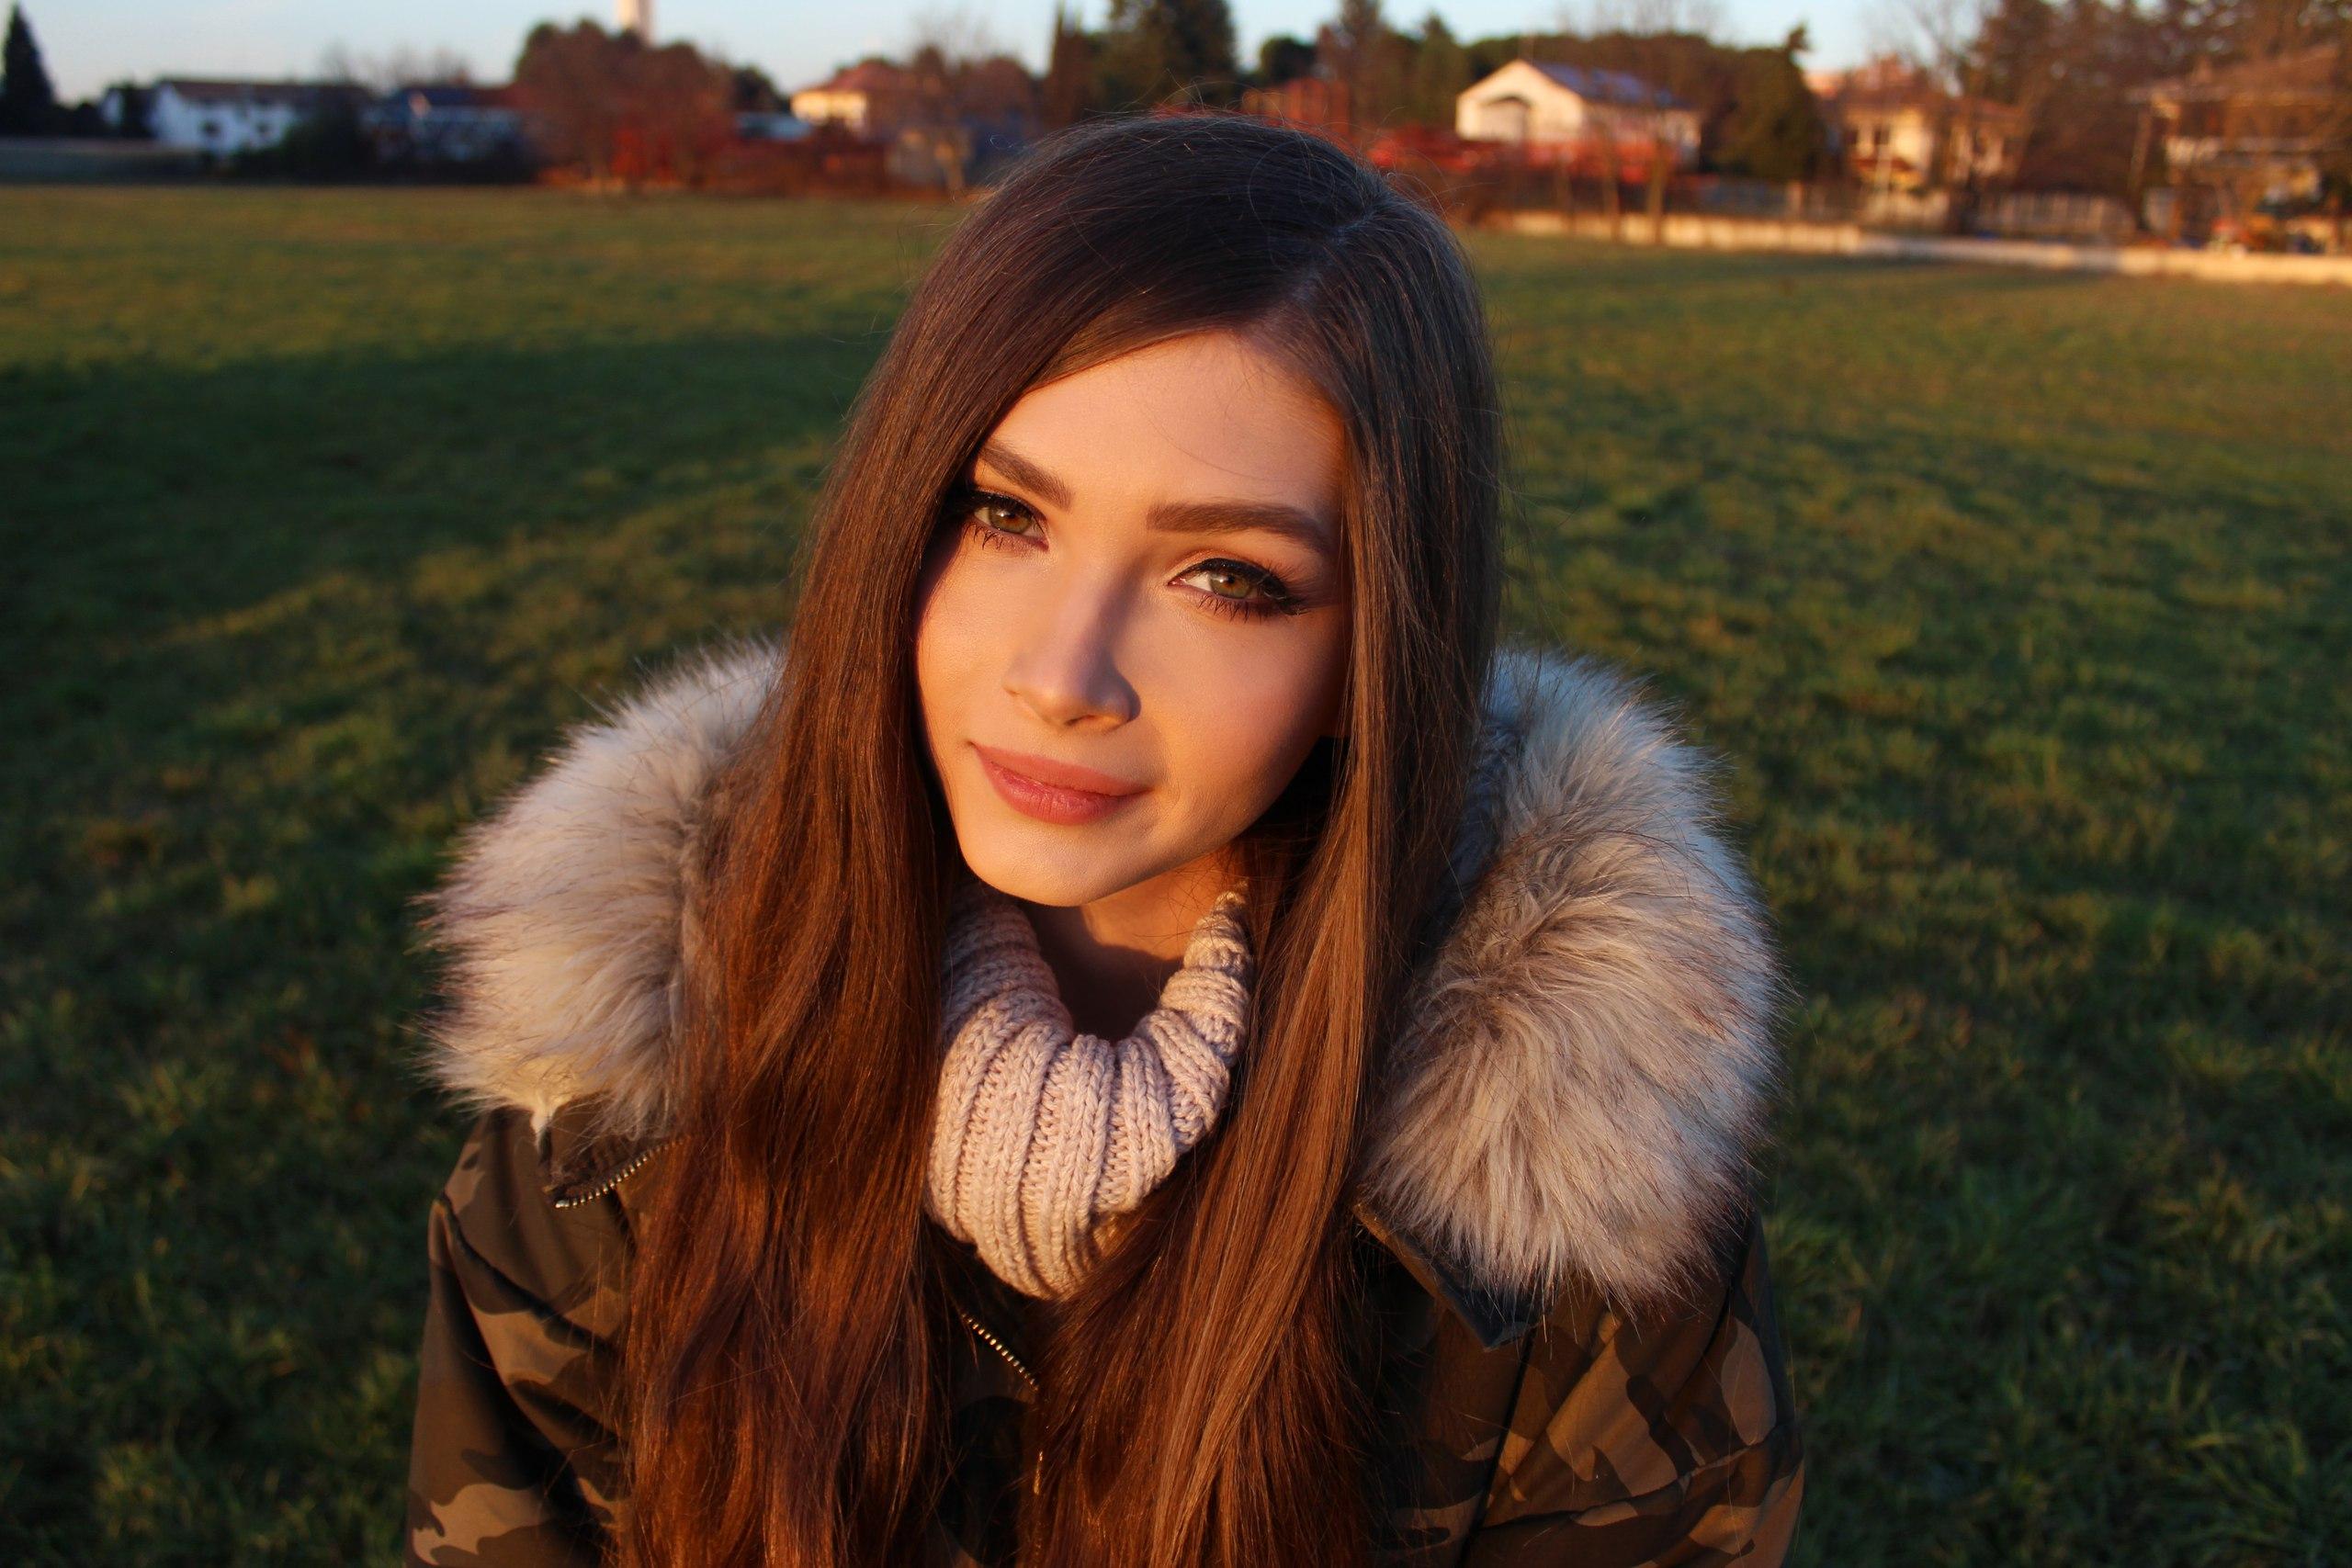 배경 화면 : Karina Kozyreva, 갈색 머리의, 러시아 여성, 재킷, 모피 코트, 스웨터, 녹색 눈 2560x1707 - epicless - 1283633 ...